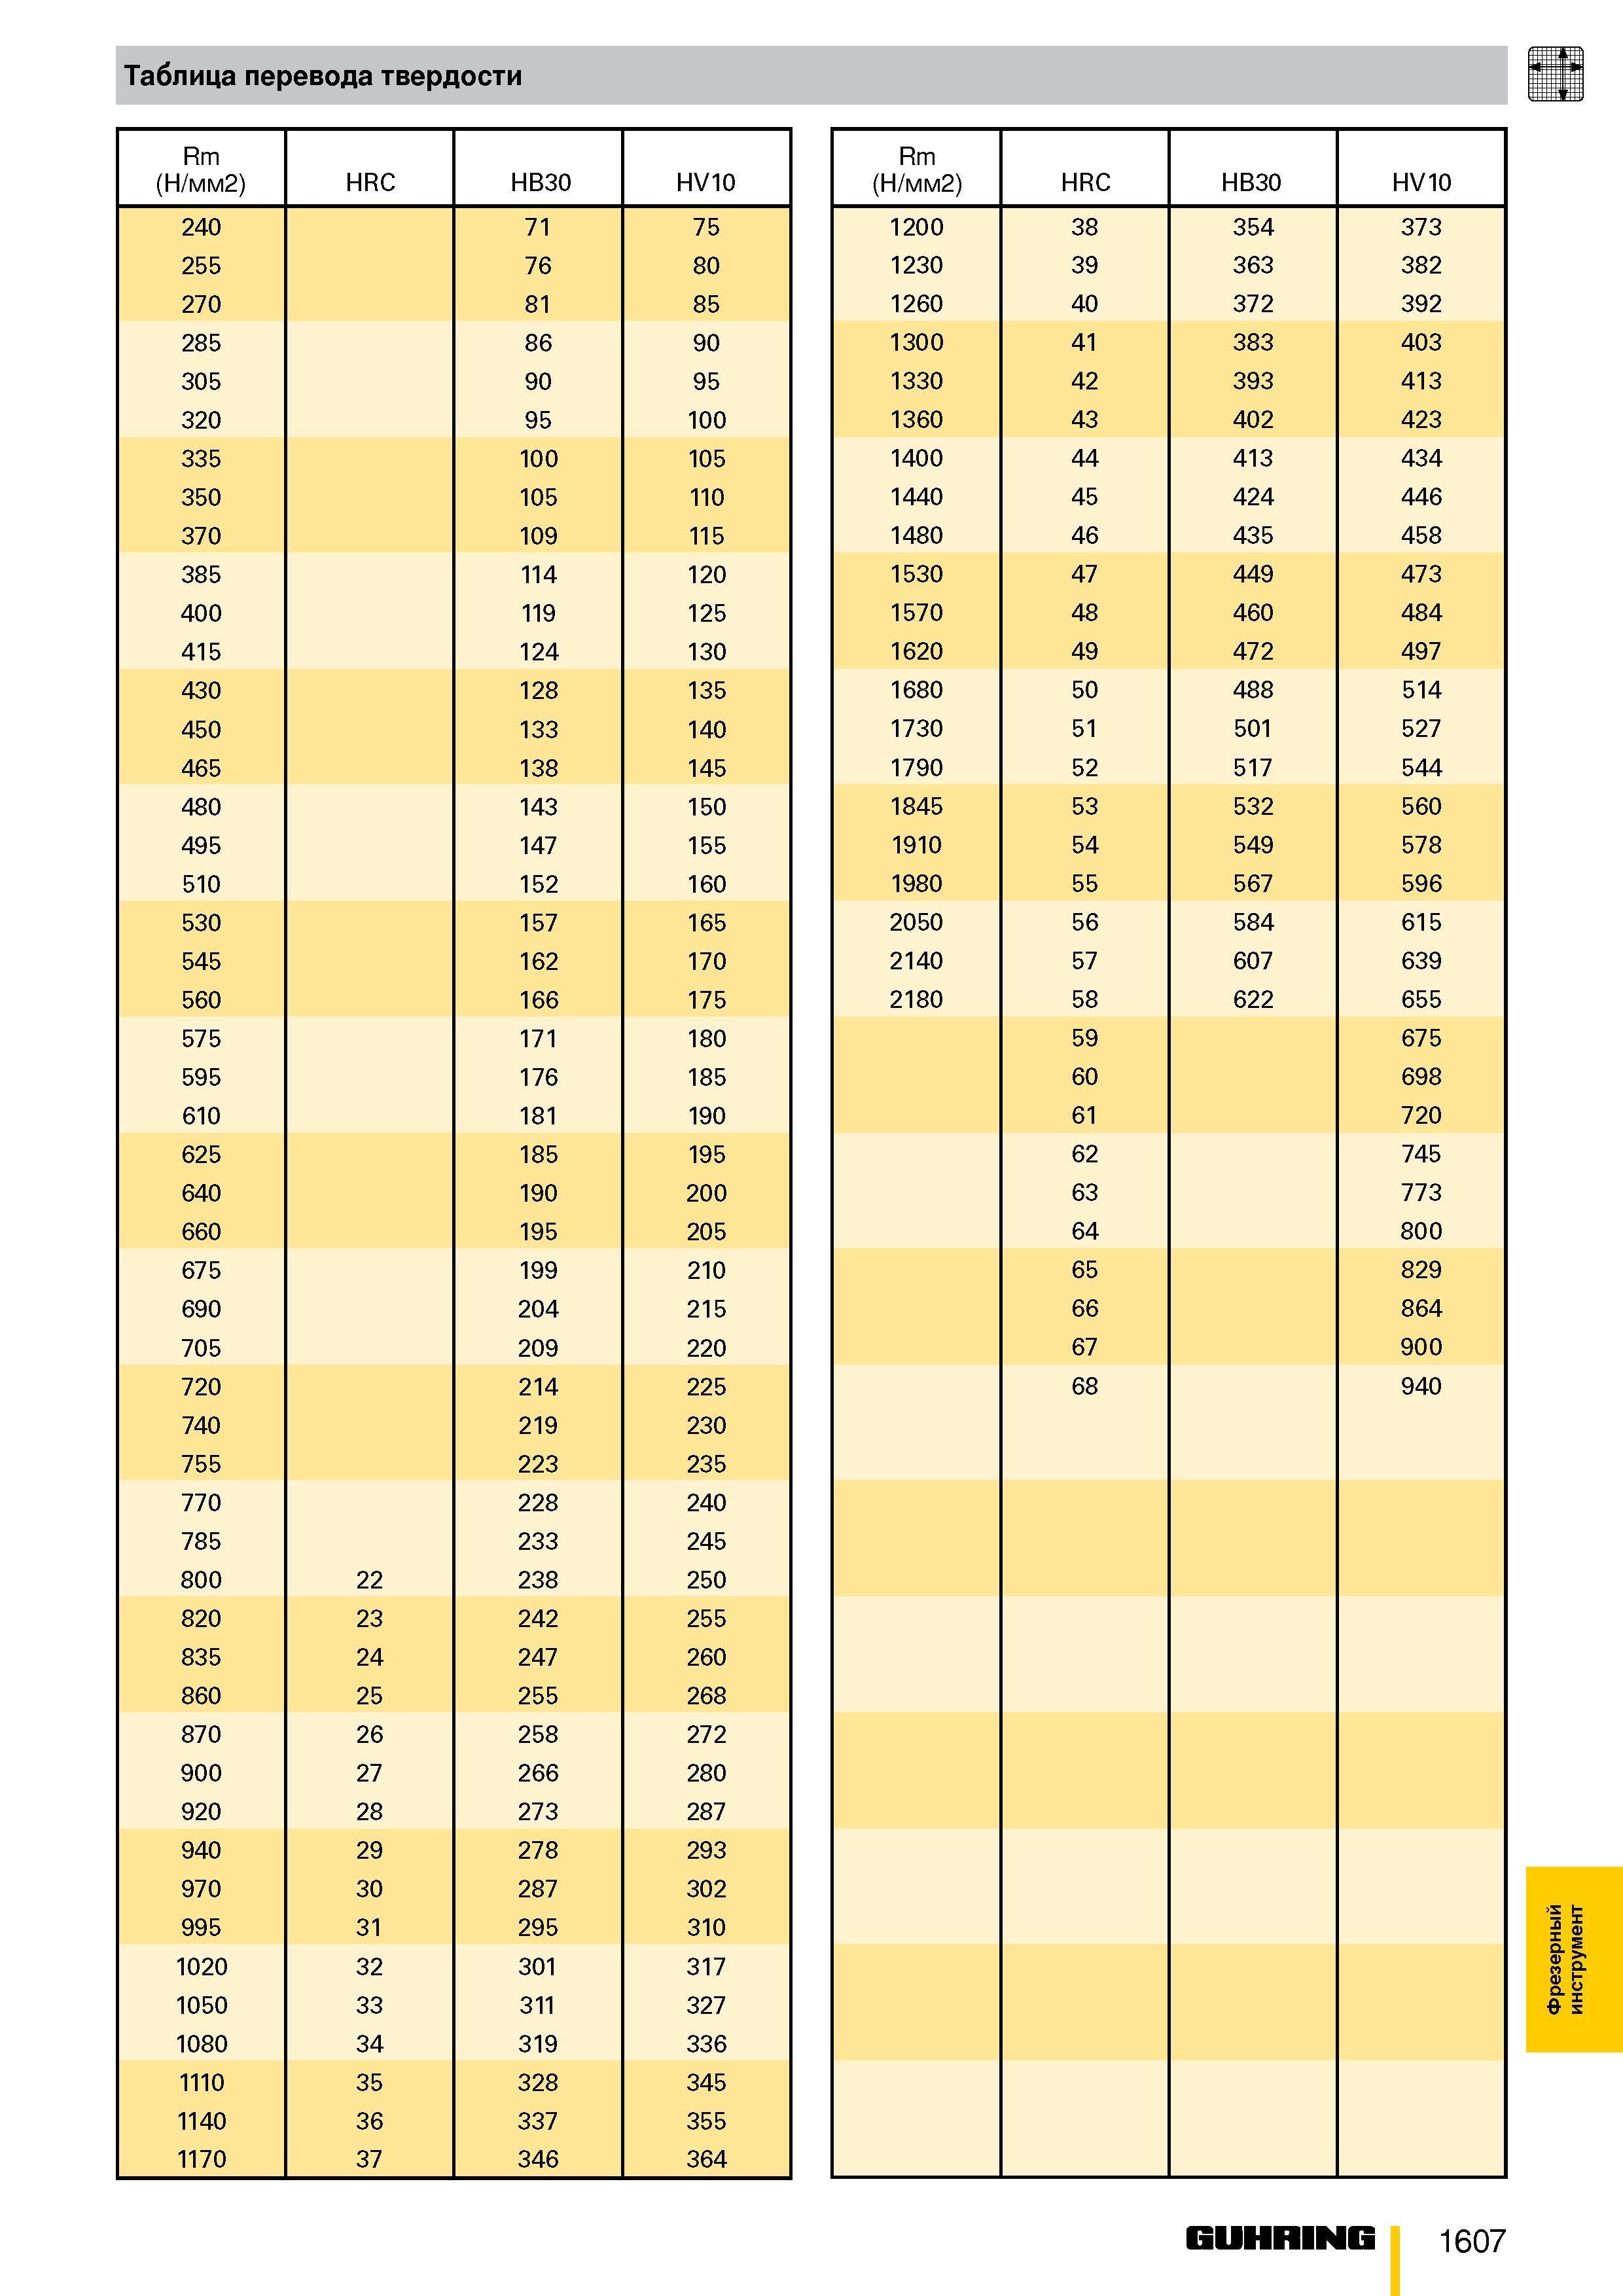 Переводная таблица твердости металла - о металле